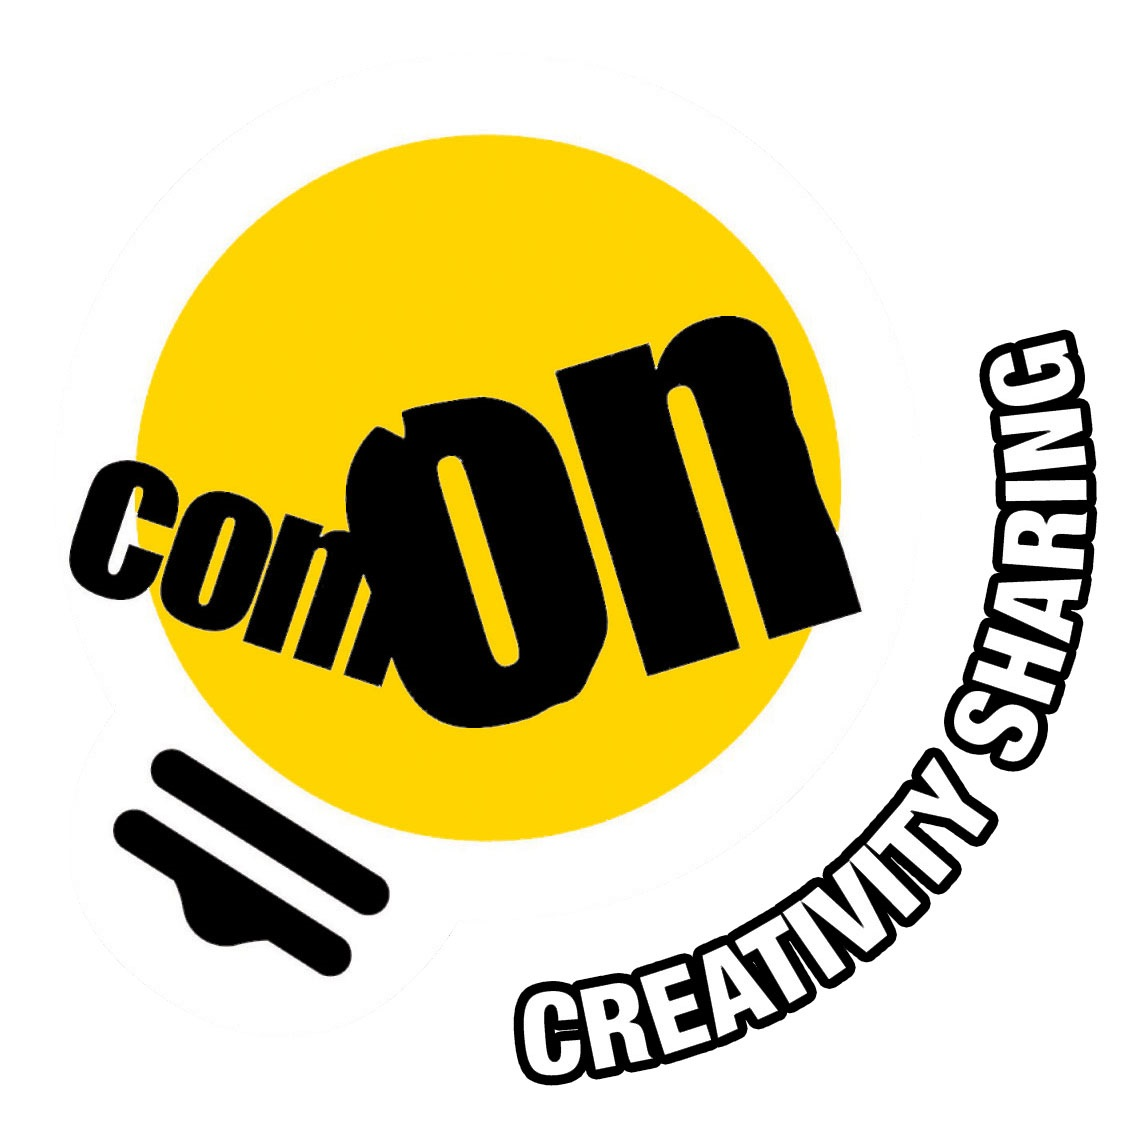 COMON 2014 al via la settimana della Creatività  6-12 ottobre